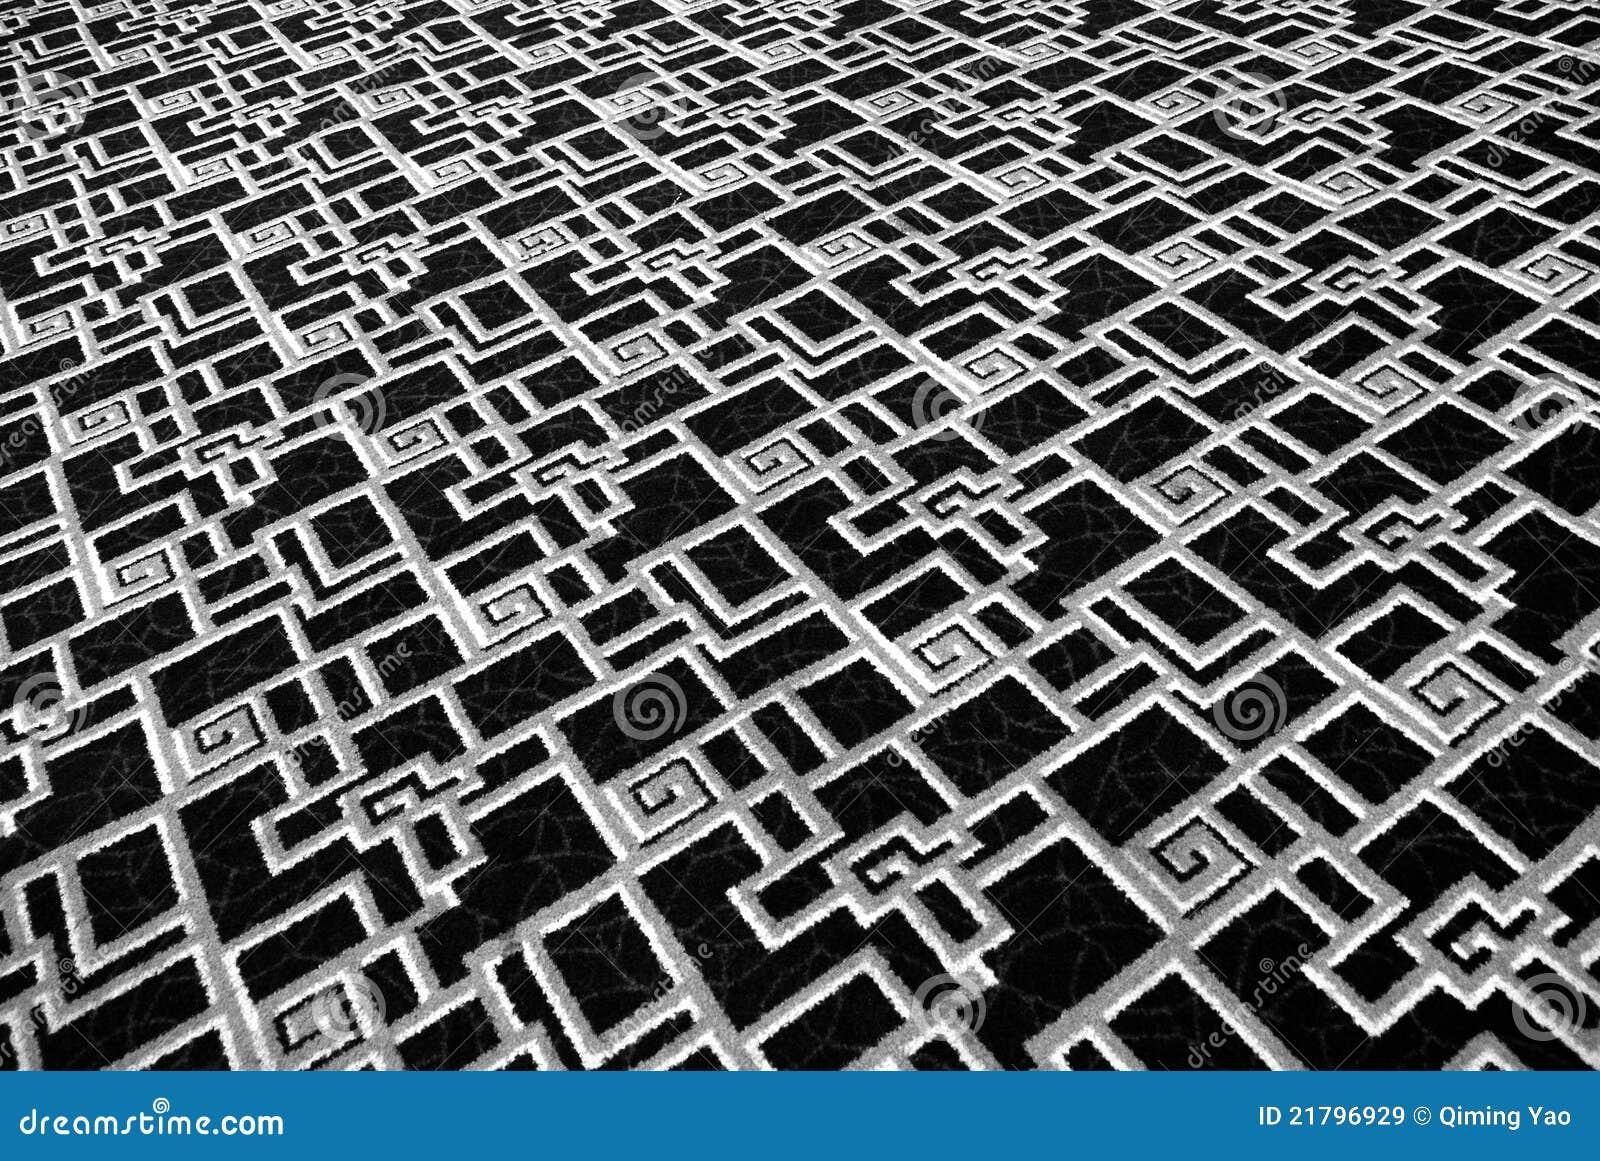 Tapijt Zwart Wit : Zwart wit tapijt stock illustratie illustratie bestaande uit